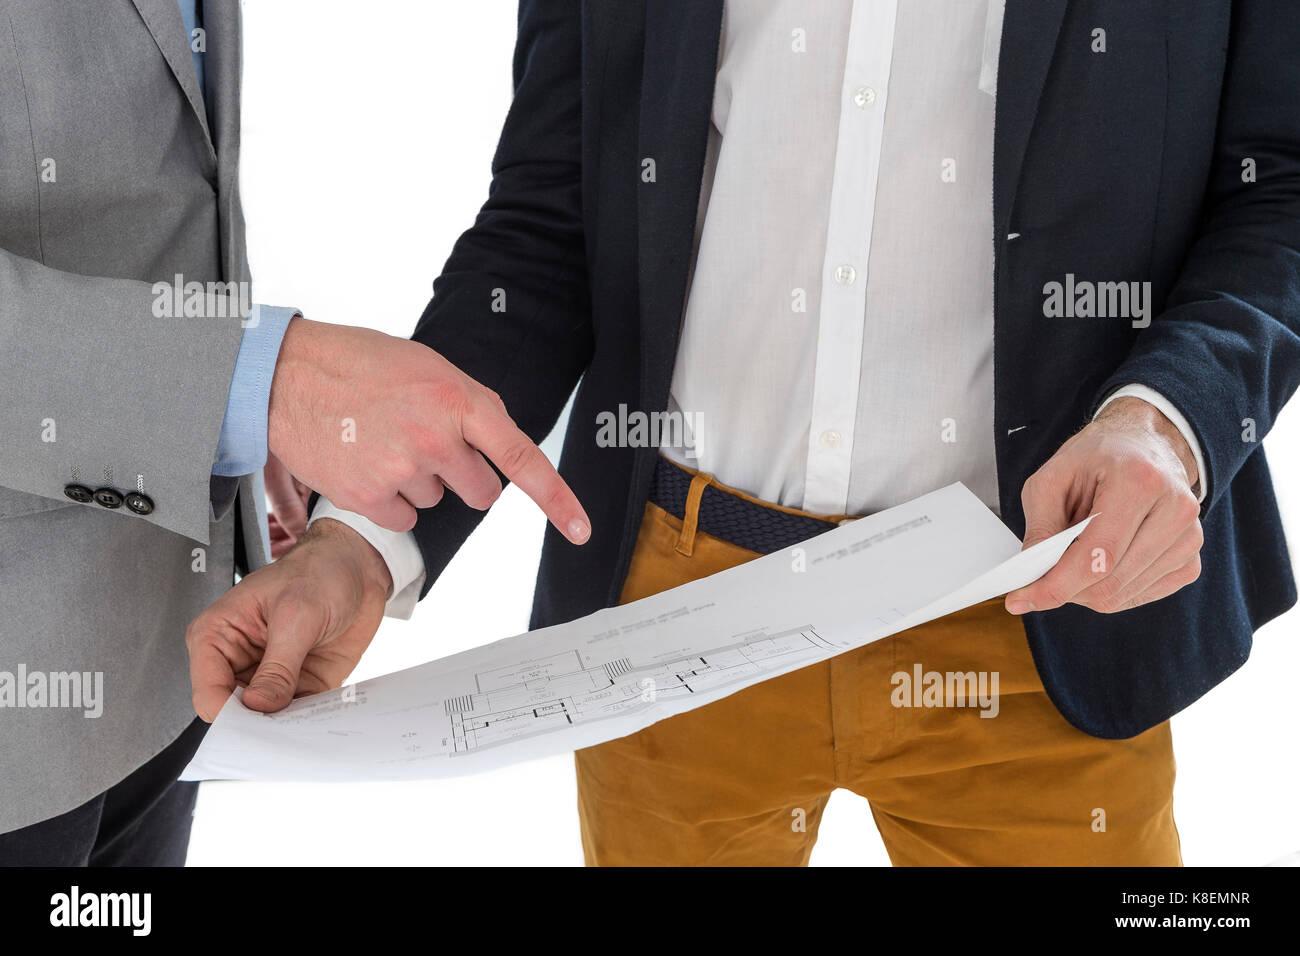 Immobilienmakler, Haus Pläne zu einem Geschäftsmann. Stockbild